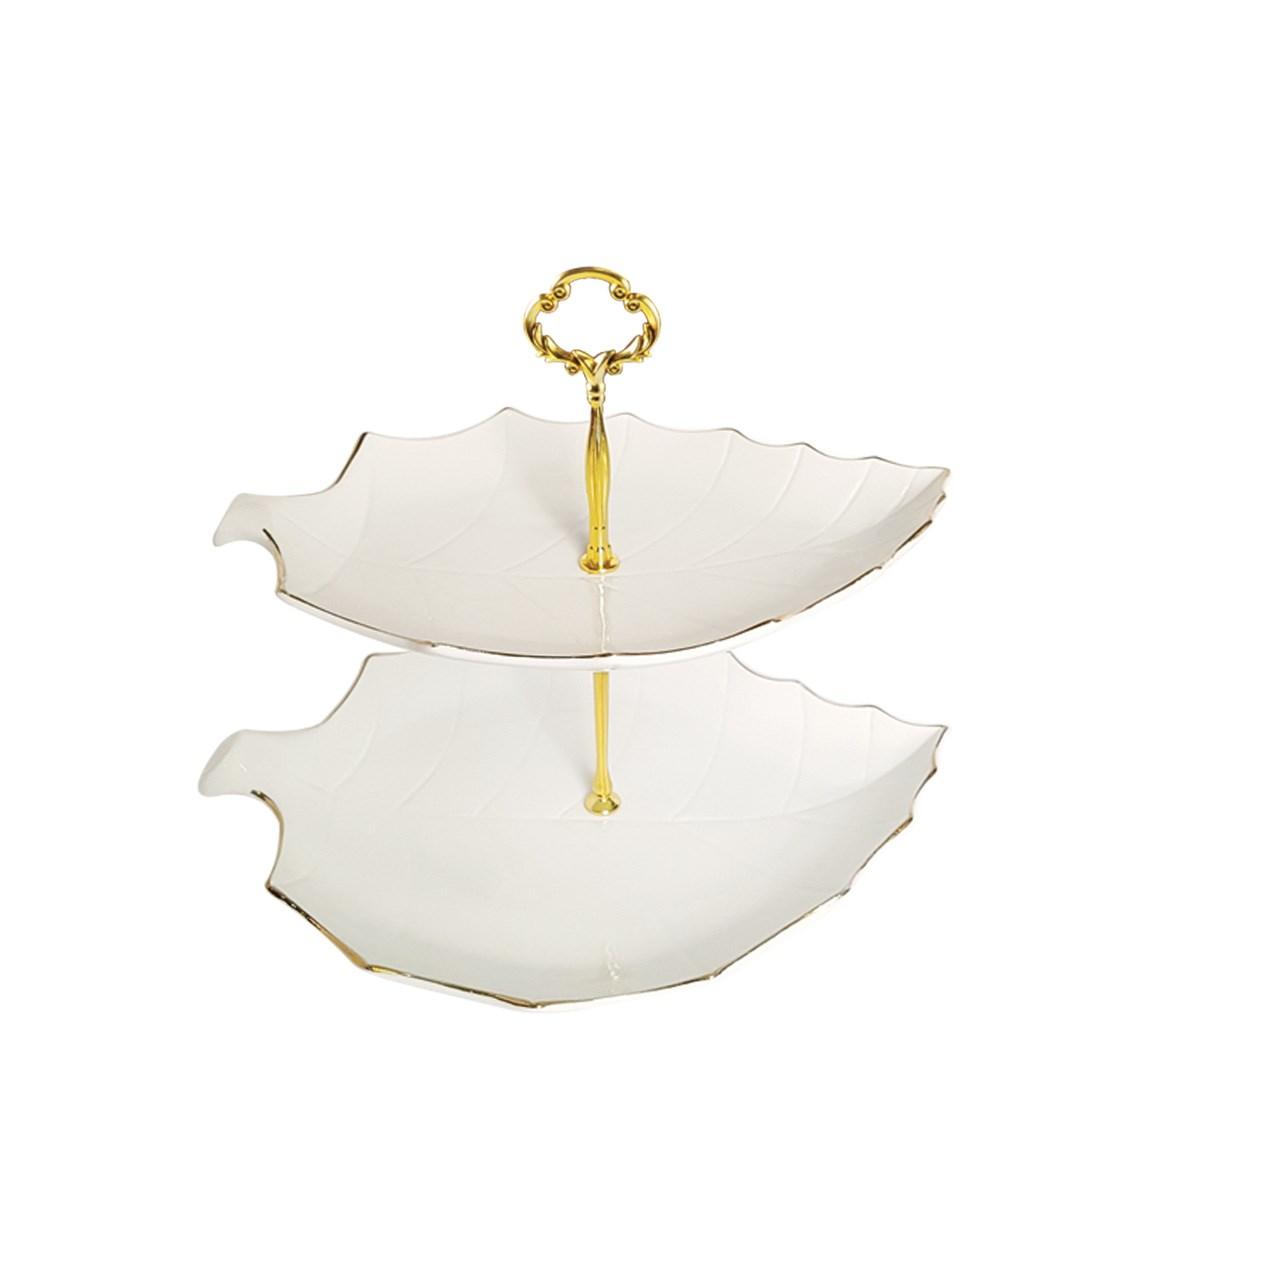 شیرینی خوری لیمون چینی طرح خط طلا مدل برگ